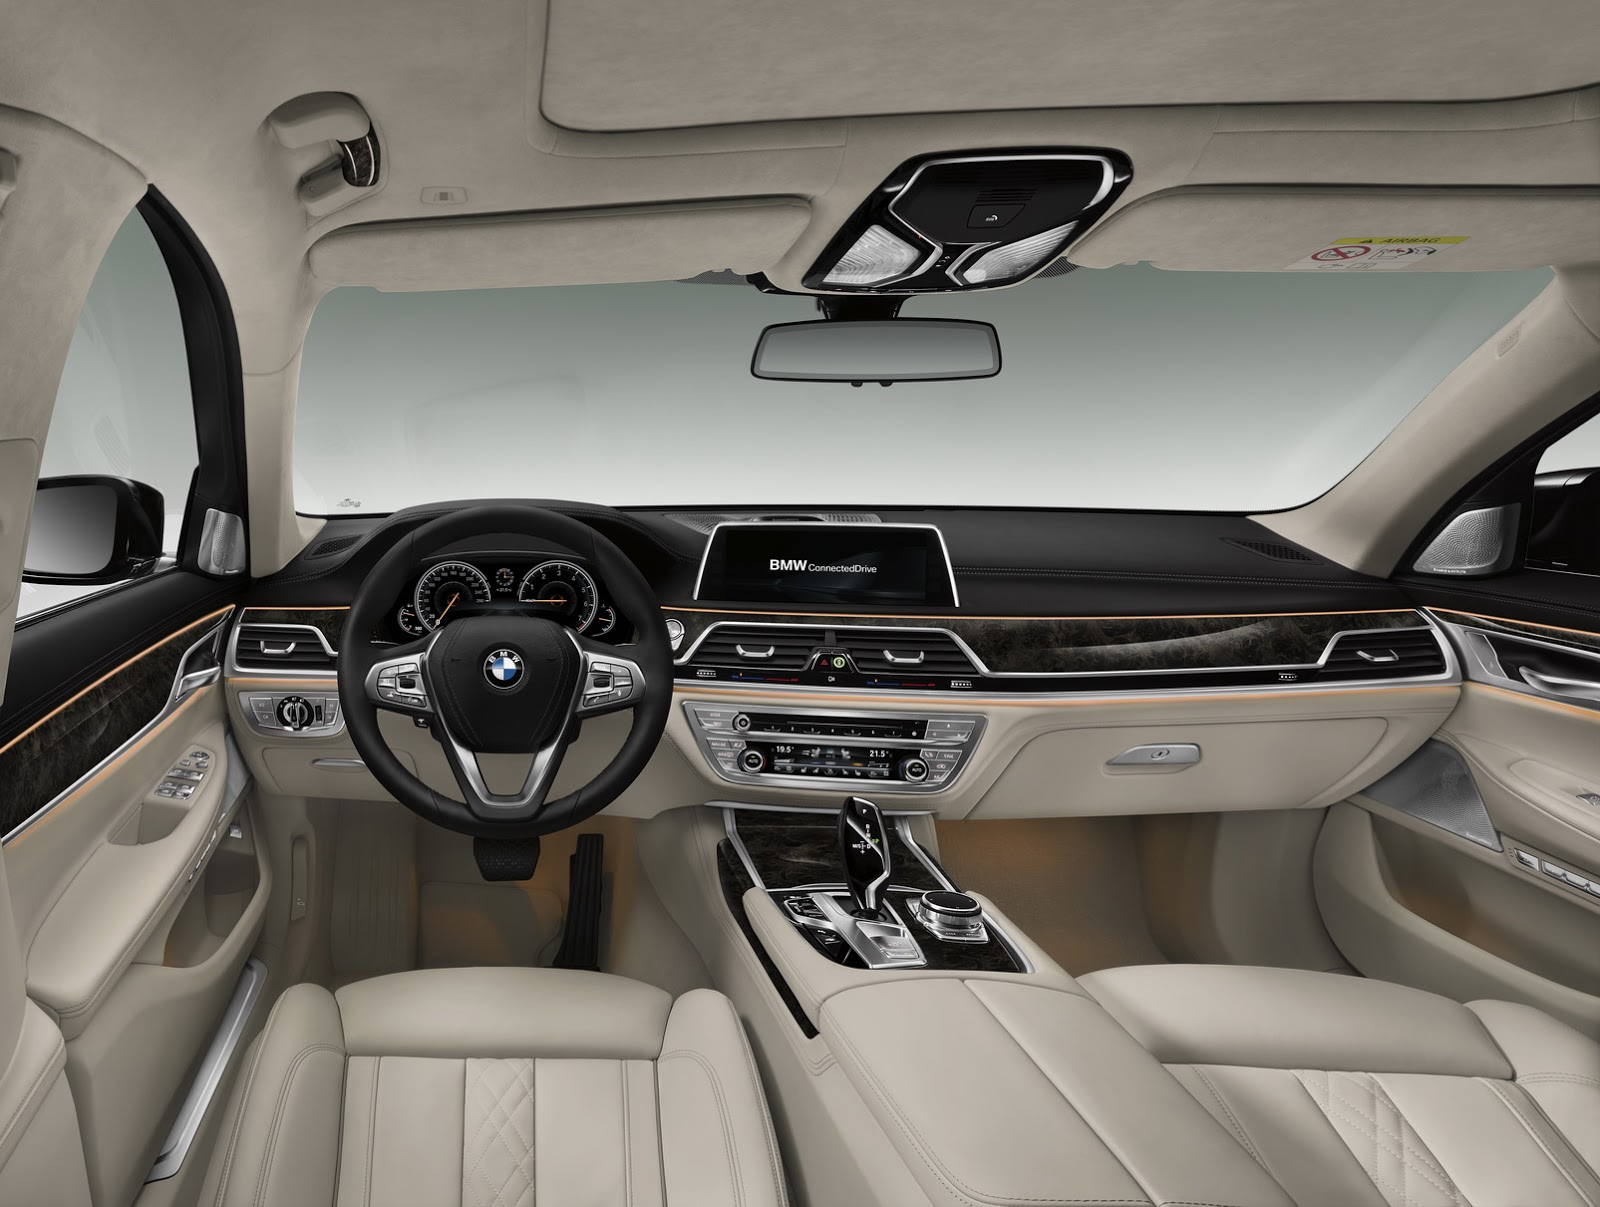 2016-BMW-7-Series-New54 புதிய பிஎம்டபிள்யூ 7 சீரிஸ் அறிமுகம்